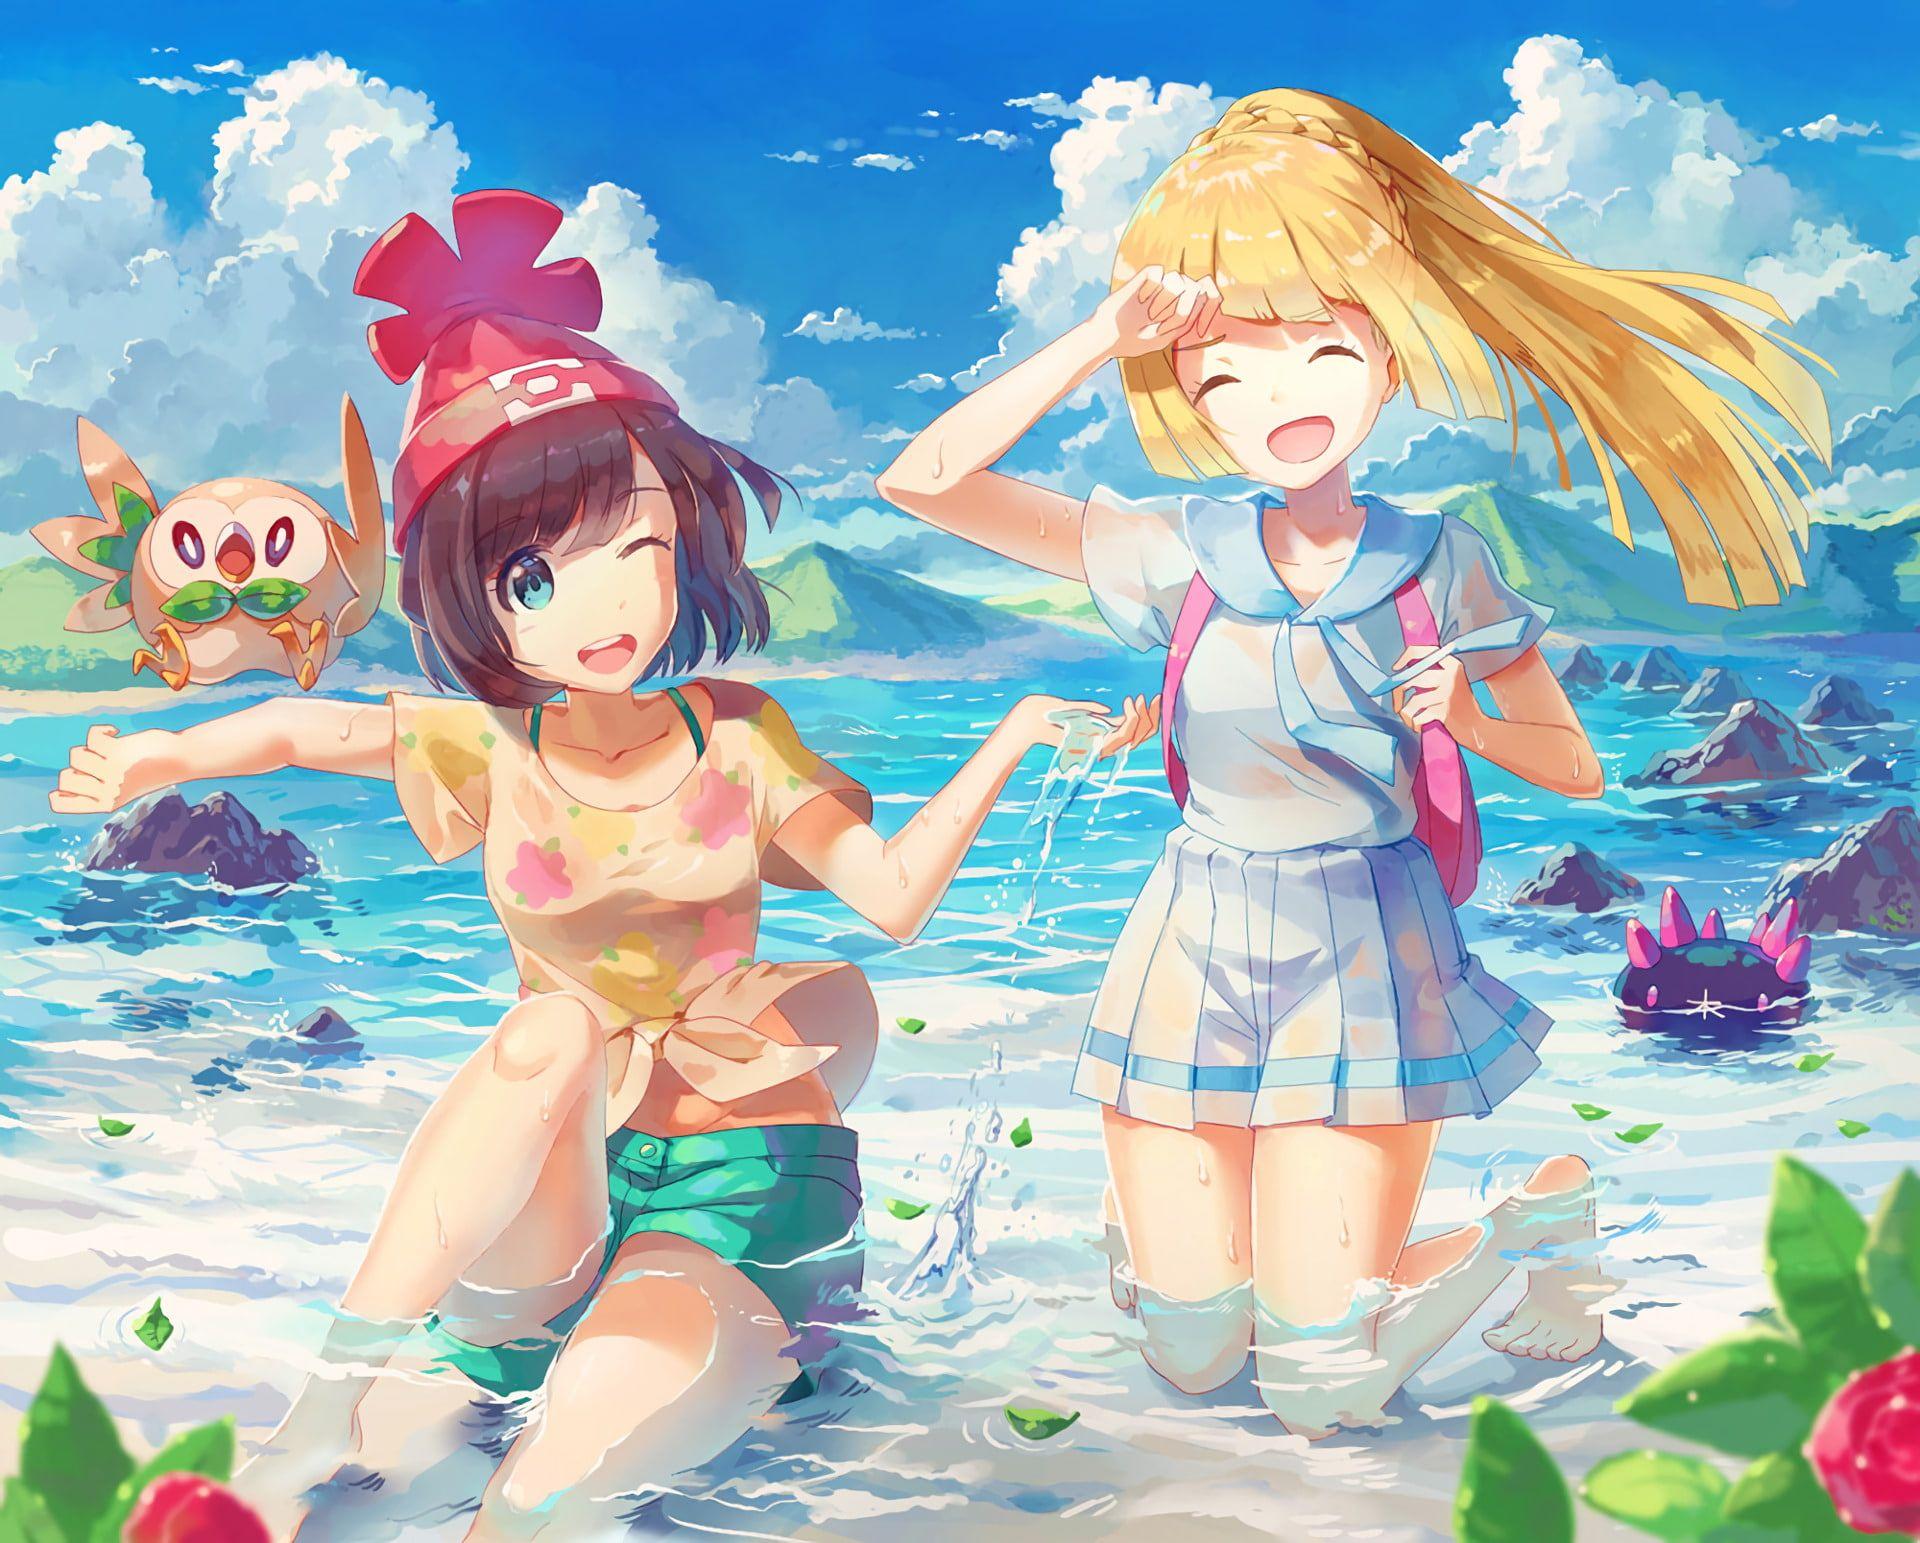 Pokemon Pokemon Sun And Moon Lillie Pokemon Moon Pokemon Pyukumuku Pokemon Rowlet Pokemon 1080p Wallpaper Hdwal Pokemon Moon Pokemon Pokemon Waifu